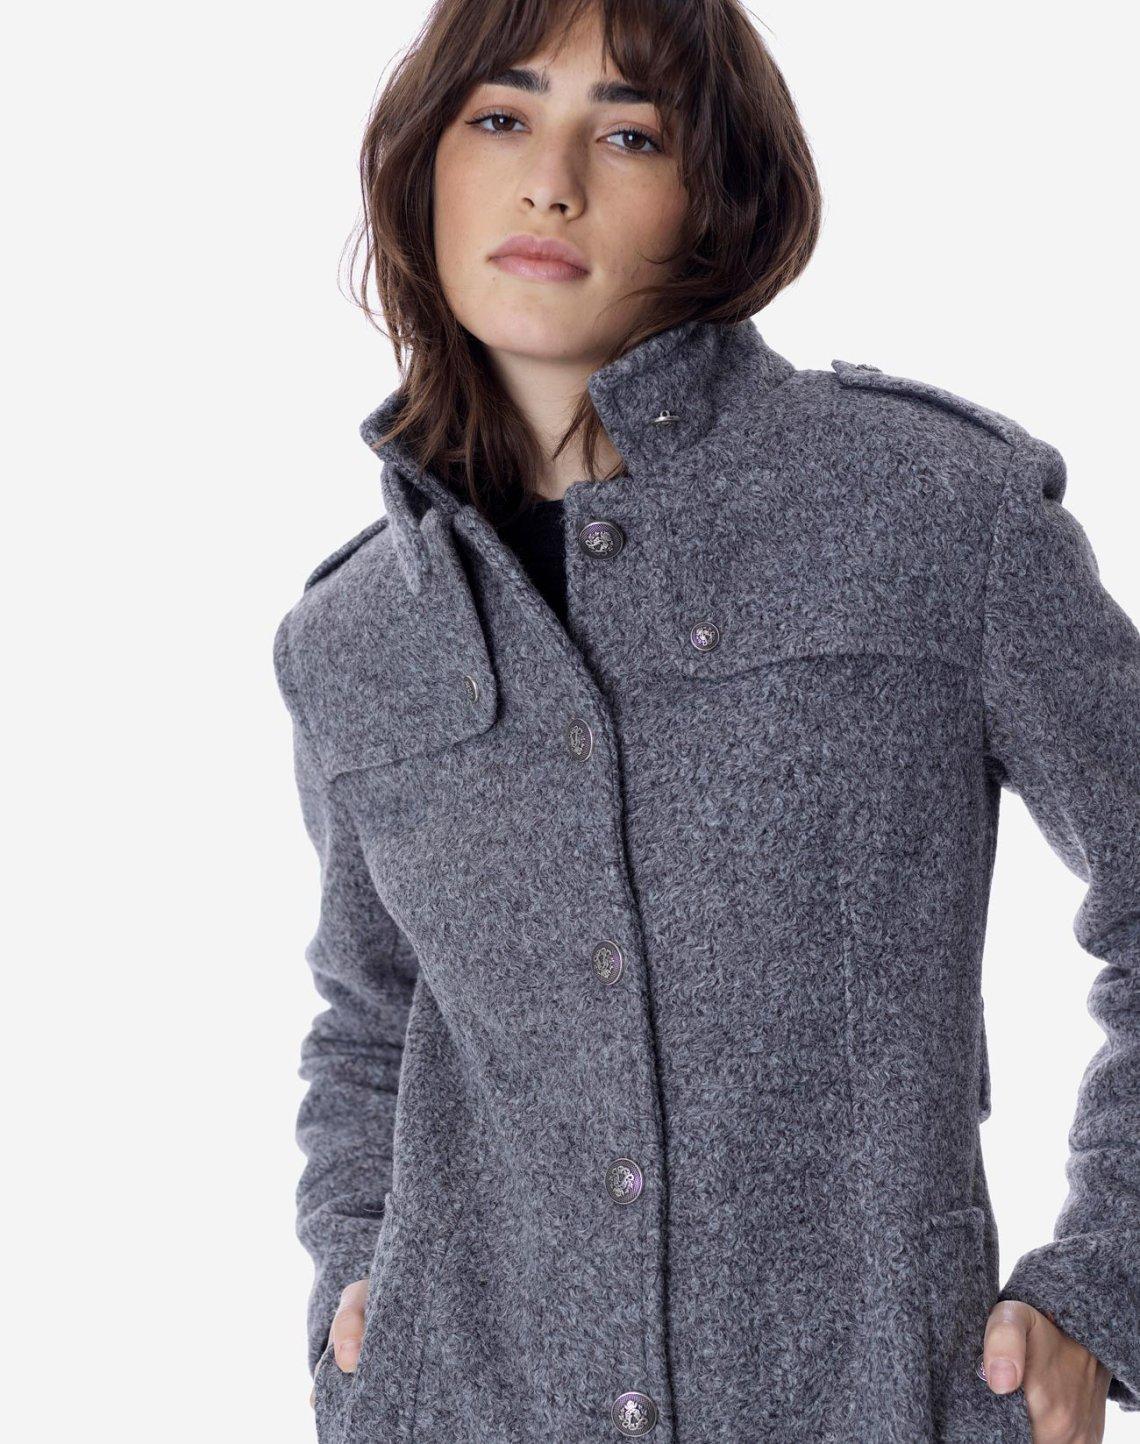 Παλτό σε military style